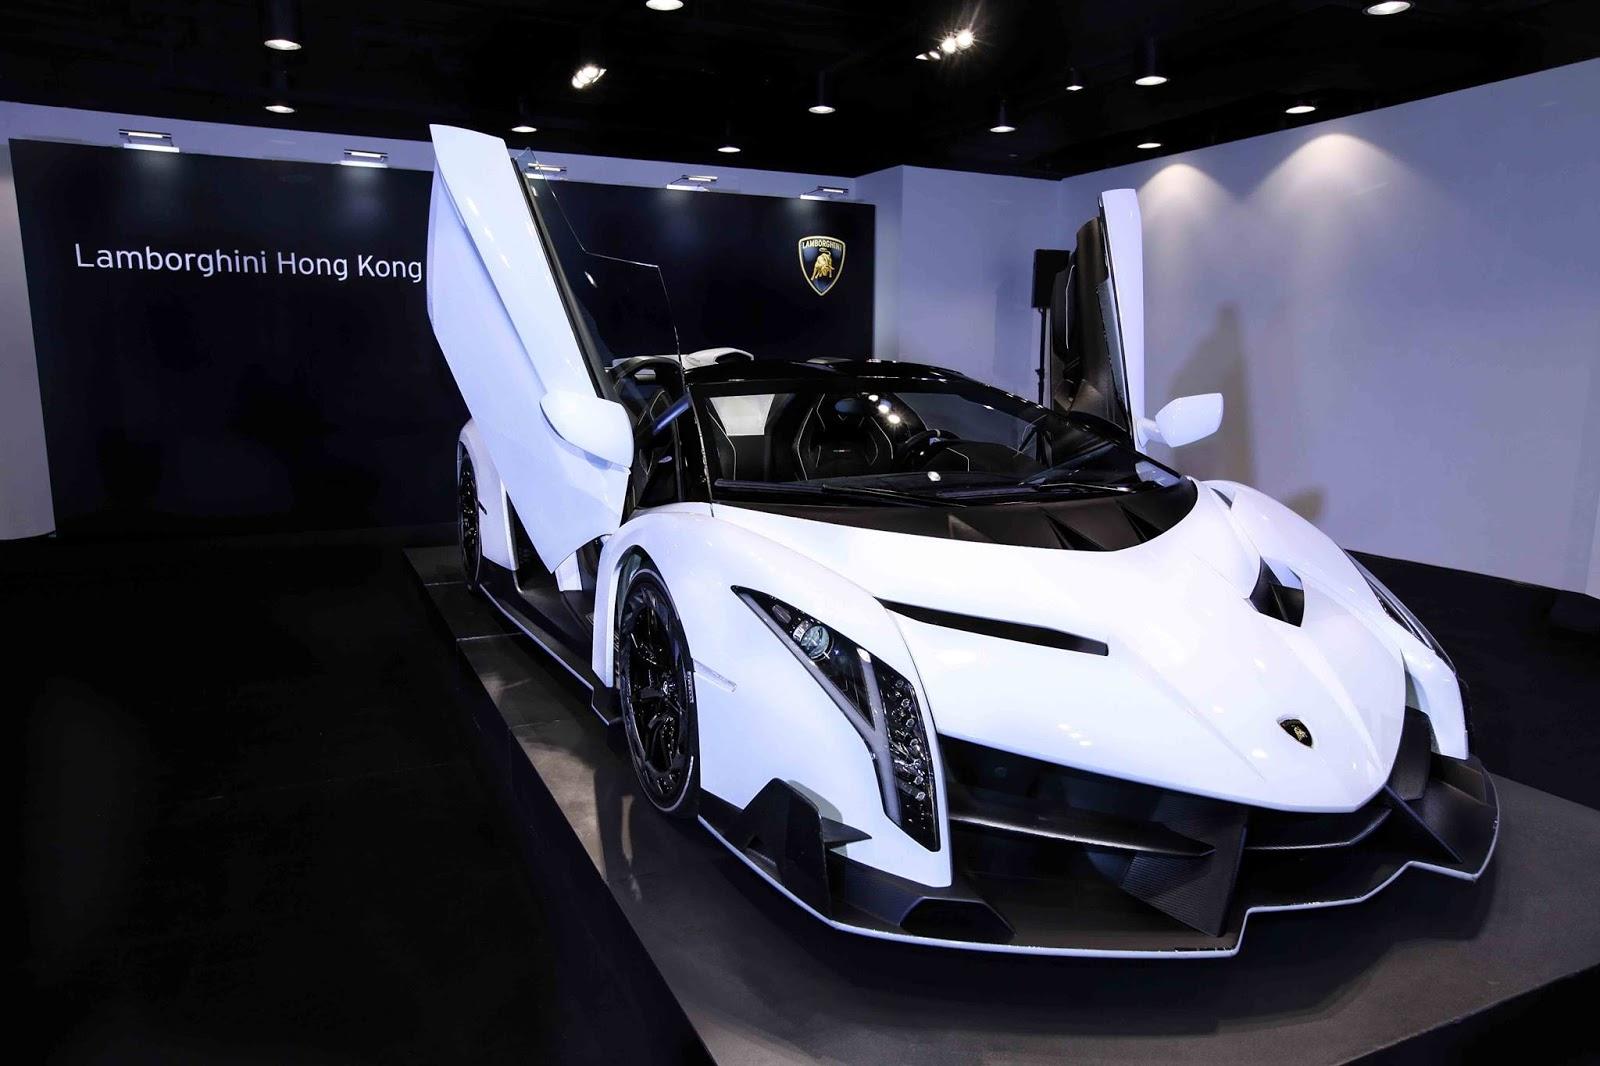 Wallpaper Mobil Sport Putih: Gambar Mobil Sport Warna Putih Terbaru